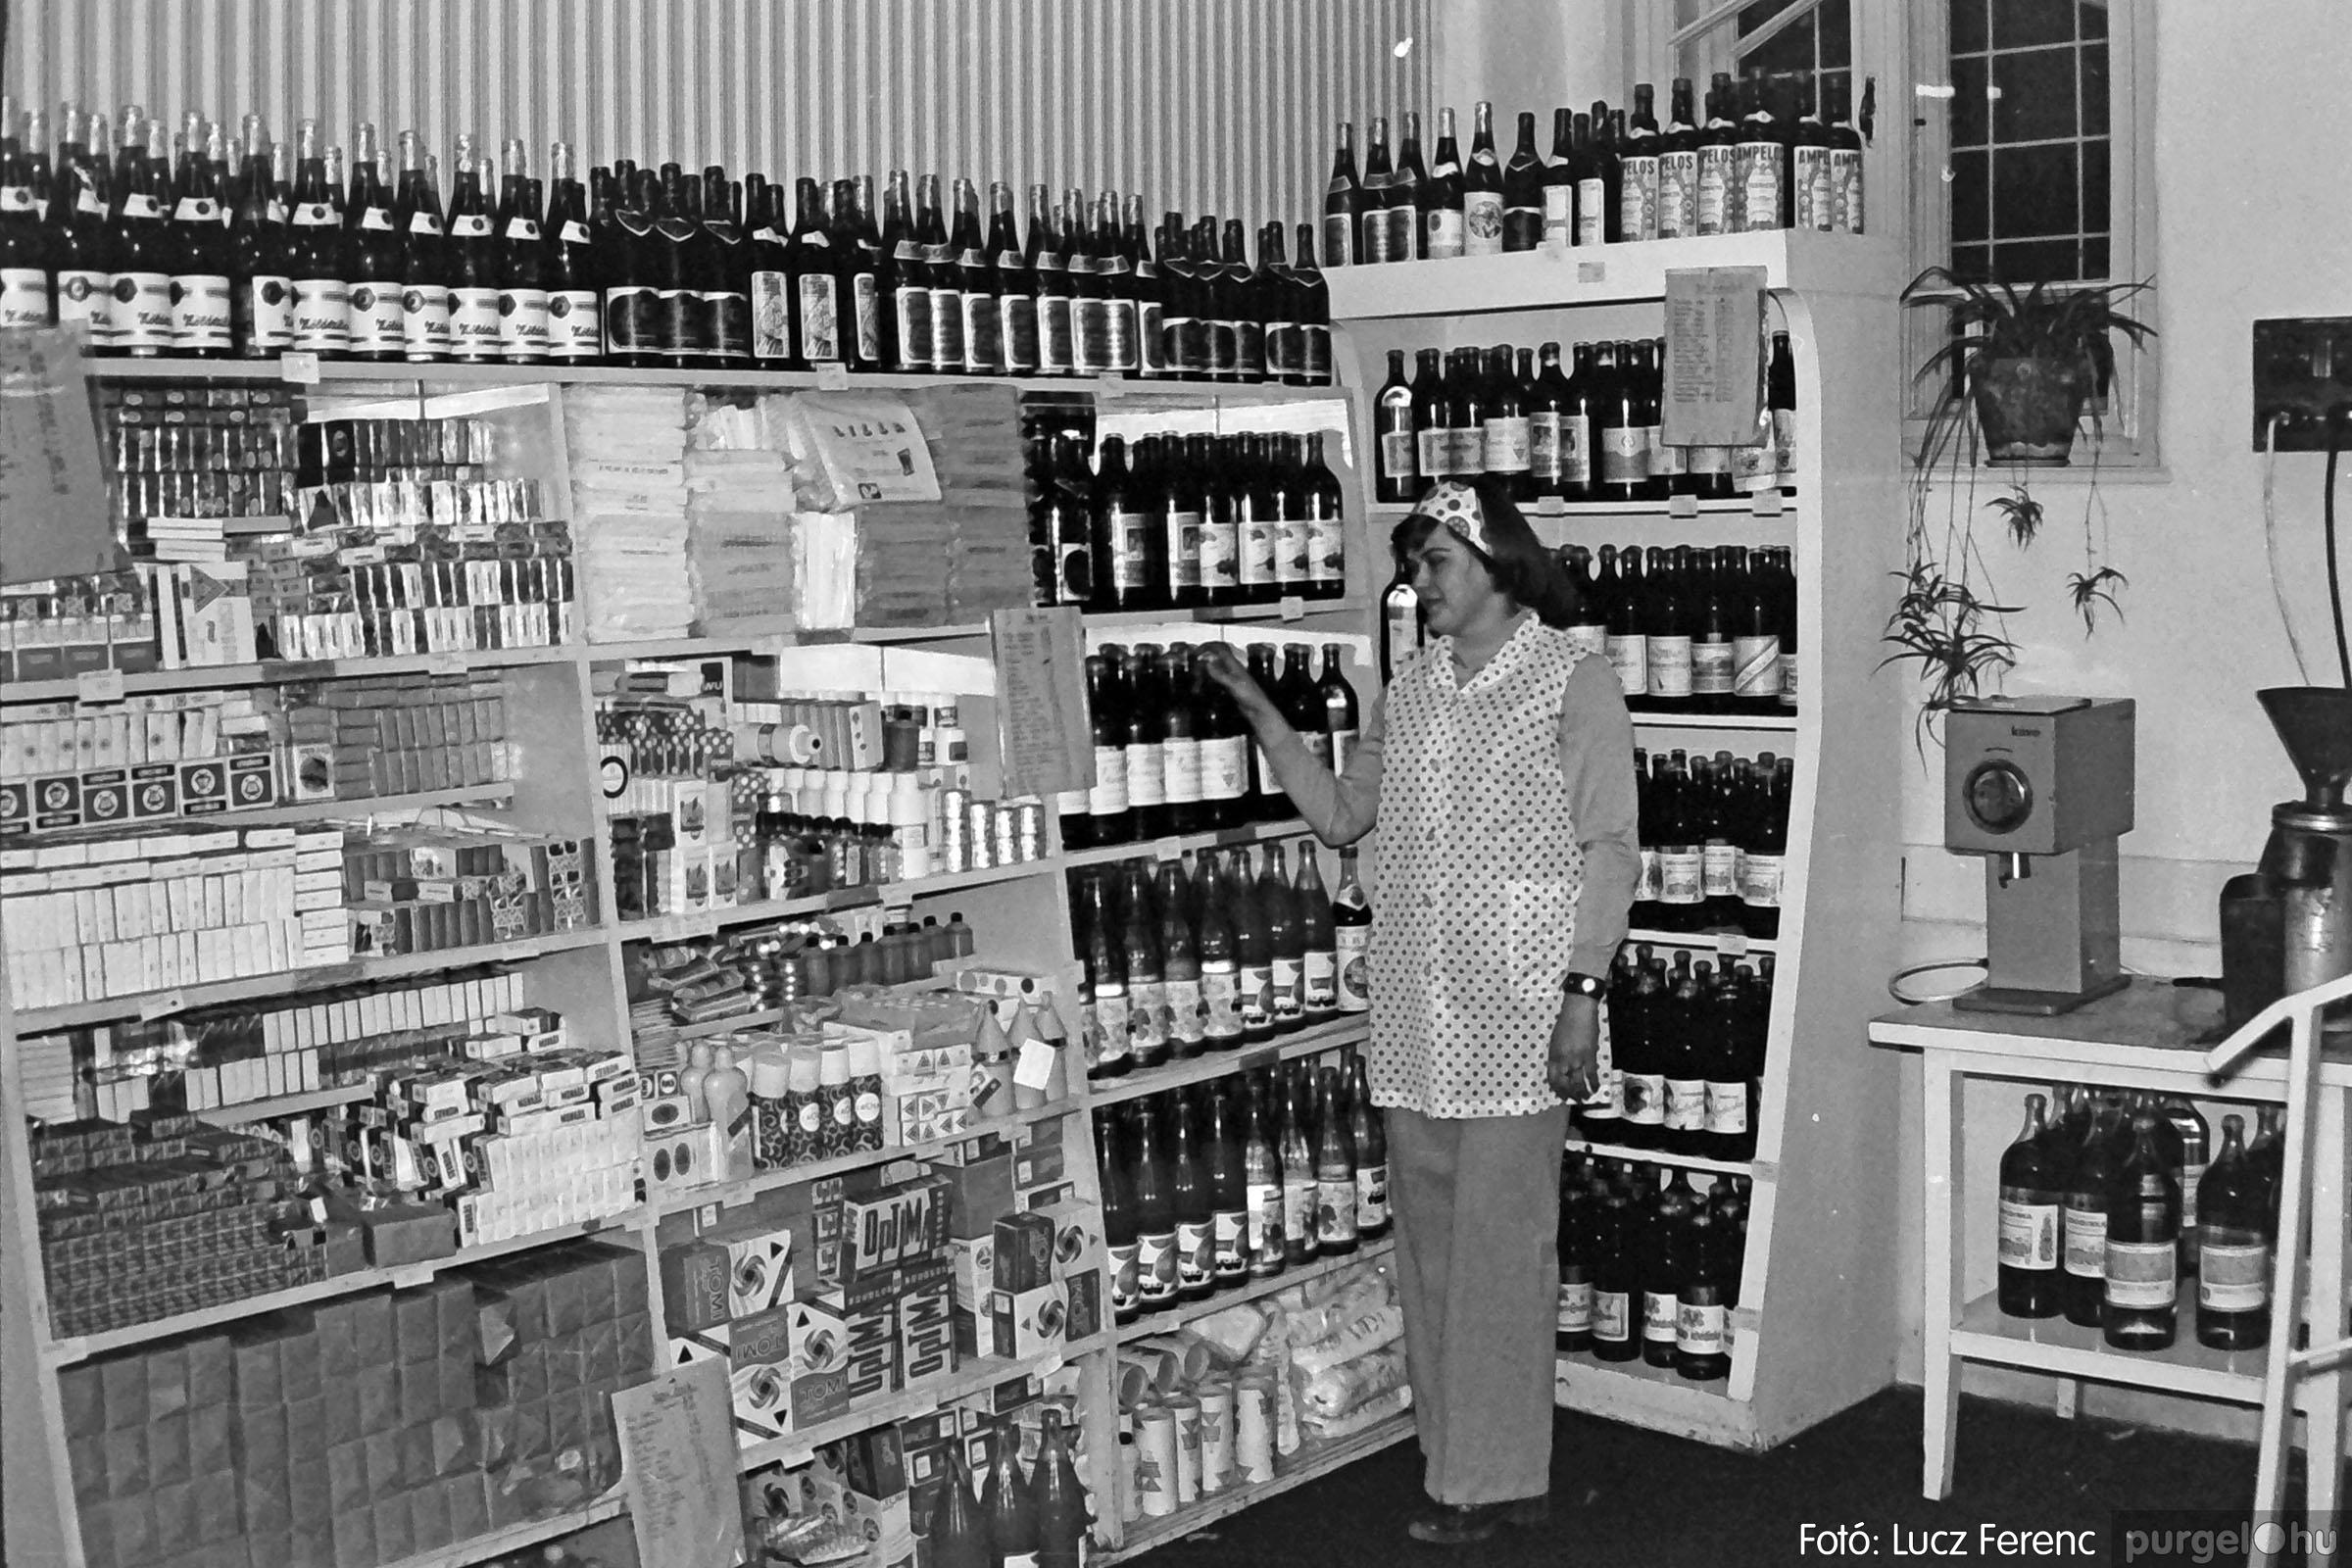 032. 1976. Önkiszolgáló a régi mozi helyén 002 - Fotó: Lucz Ferenc.jpg